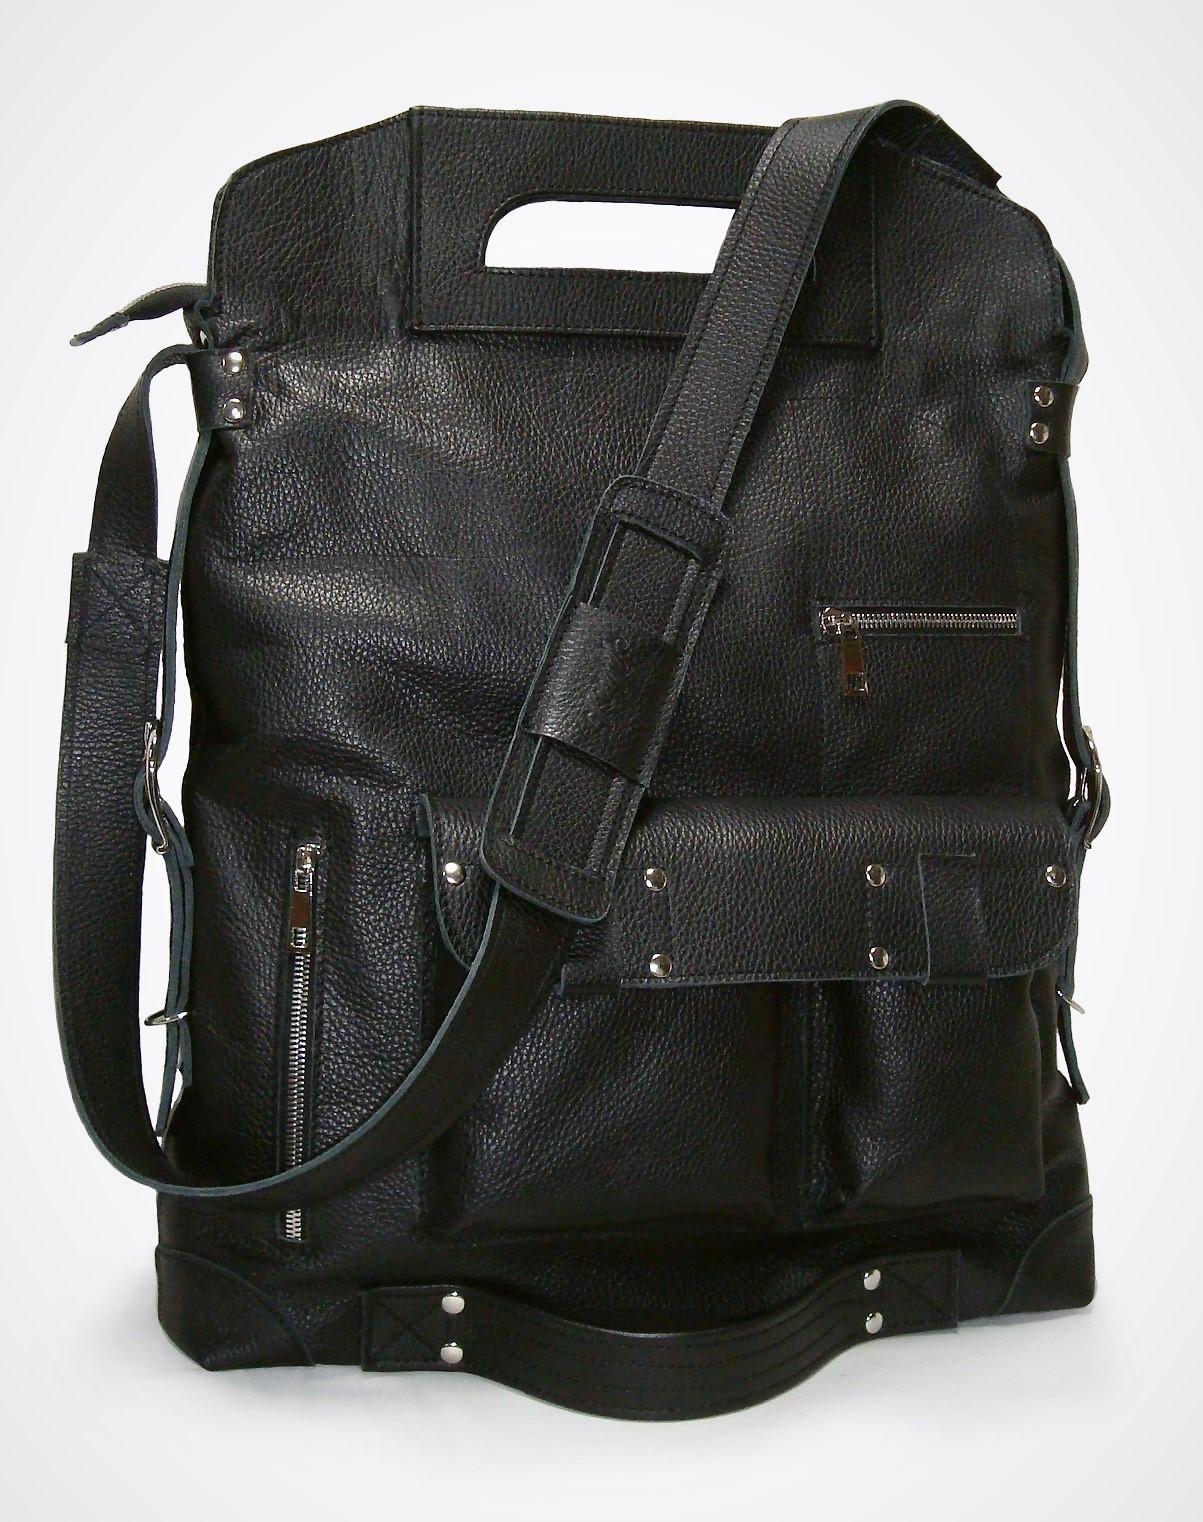 Муж. сумка Модель № 4-5Сумки и др. изделия из кожи<br>Общая высота сумки:50 см<br>Высота до ручек:43см<br>Ширина сумки:36 см<br>Ширина дна:6 см<br>Длинна ремня:160 см<br><br>Тип: Муж. сумка<br>Размер: -<br>Материал: Натуральная кожа